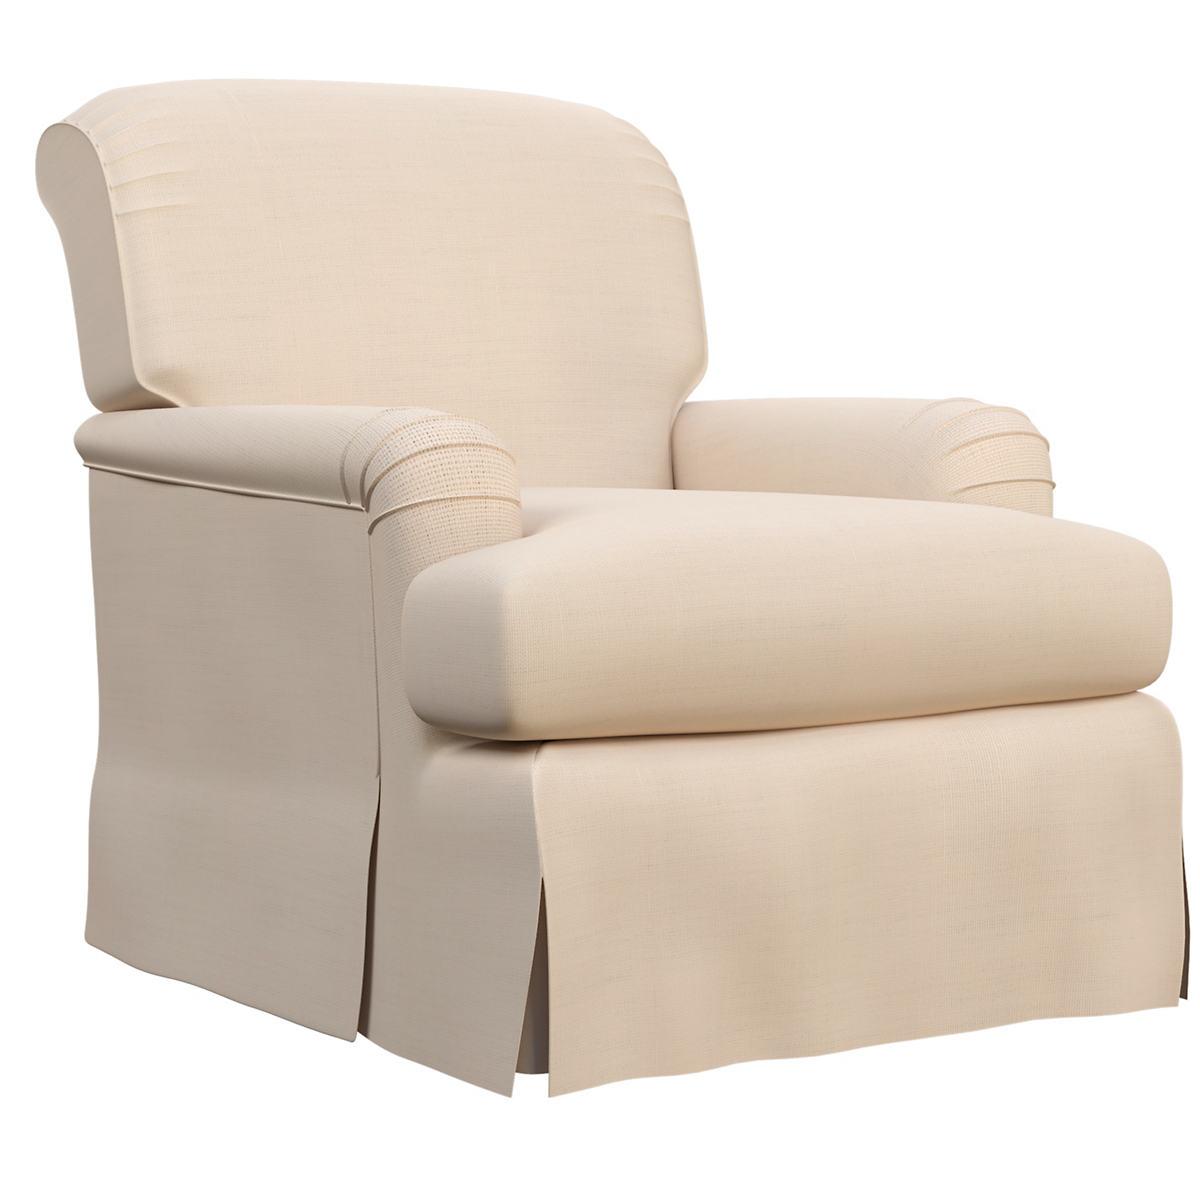 Solstice Petal Longford Chair